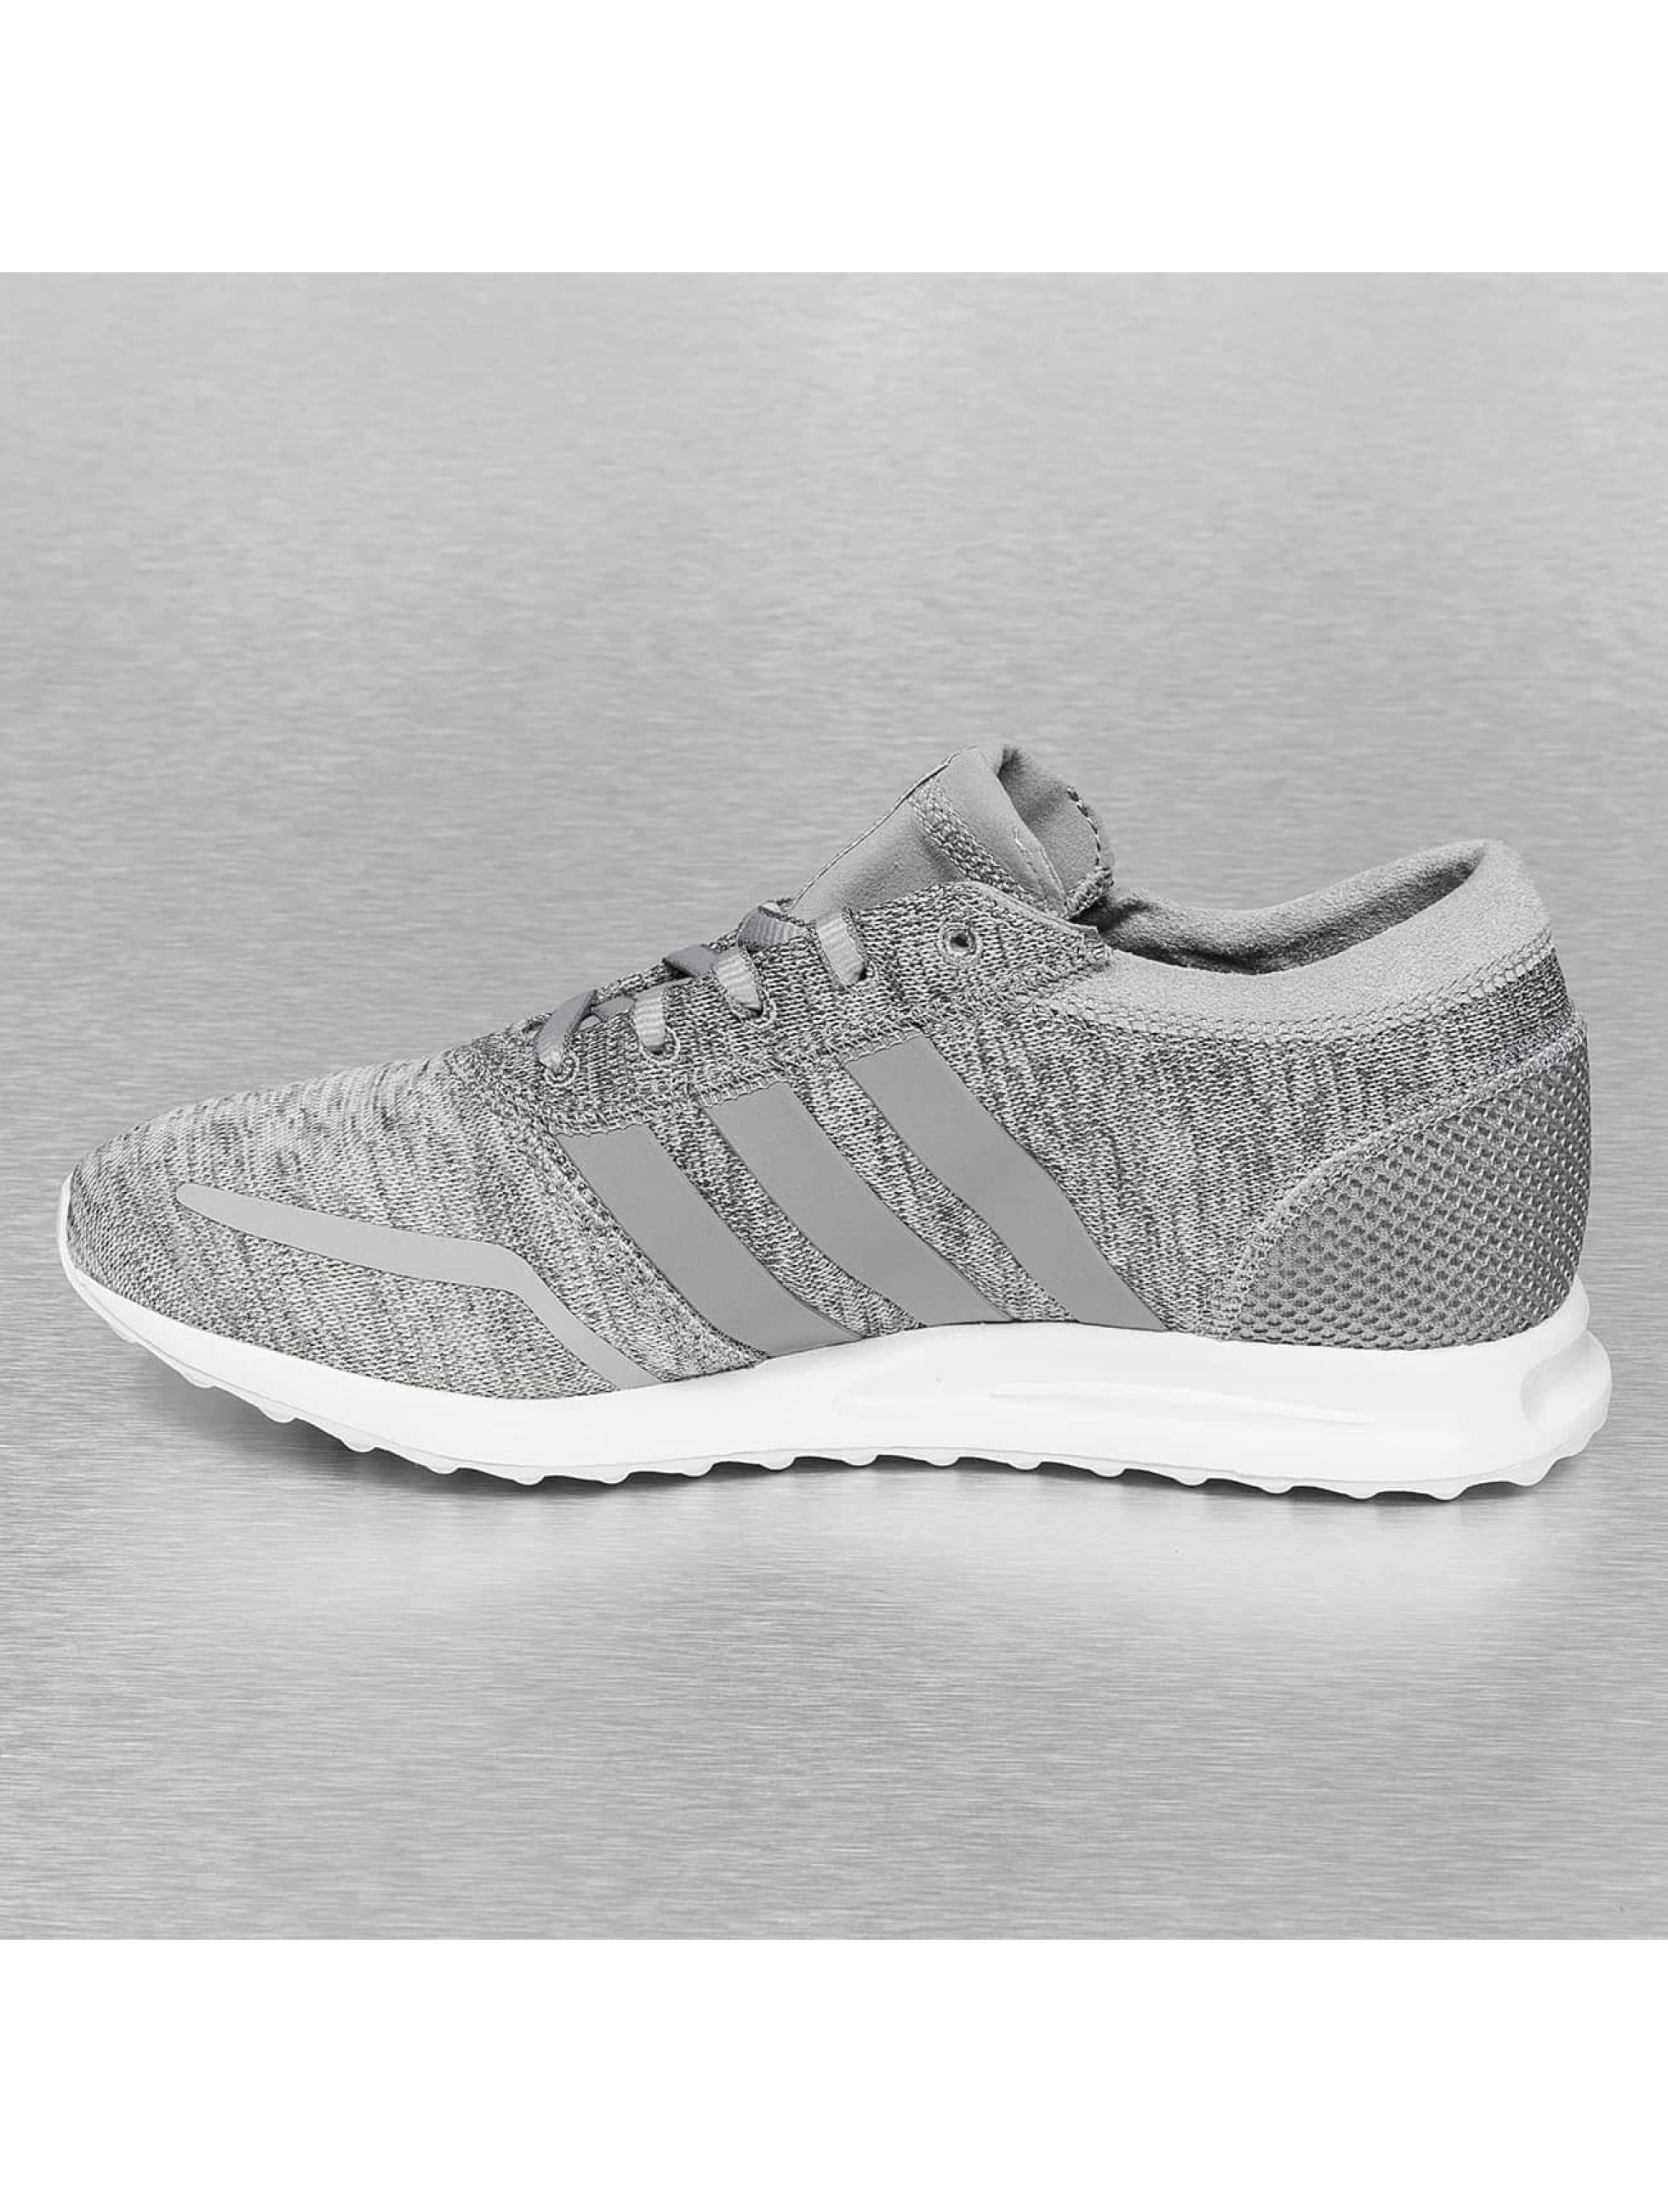 Adidas Los Angeles Damen Schwarz Weiß